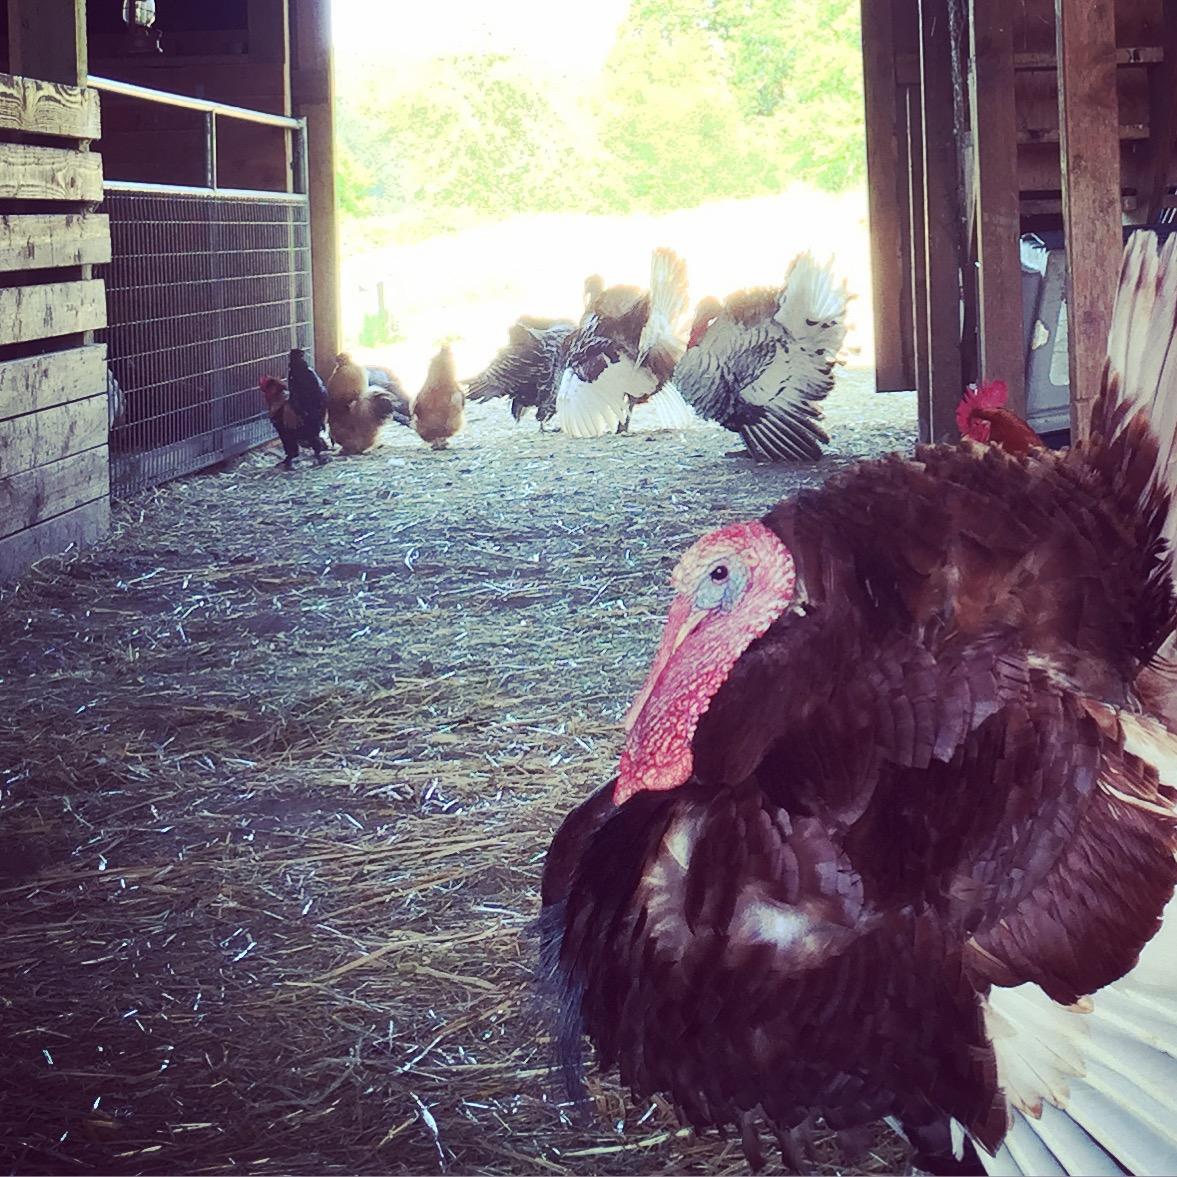 Wildwood Turkeys